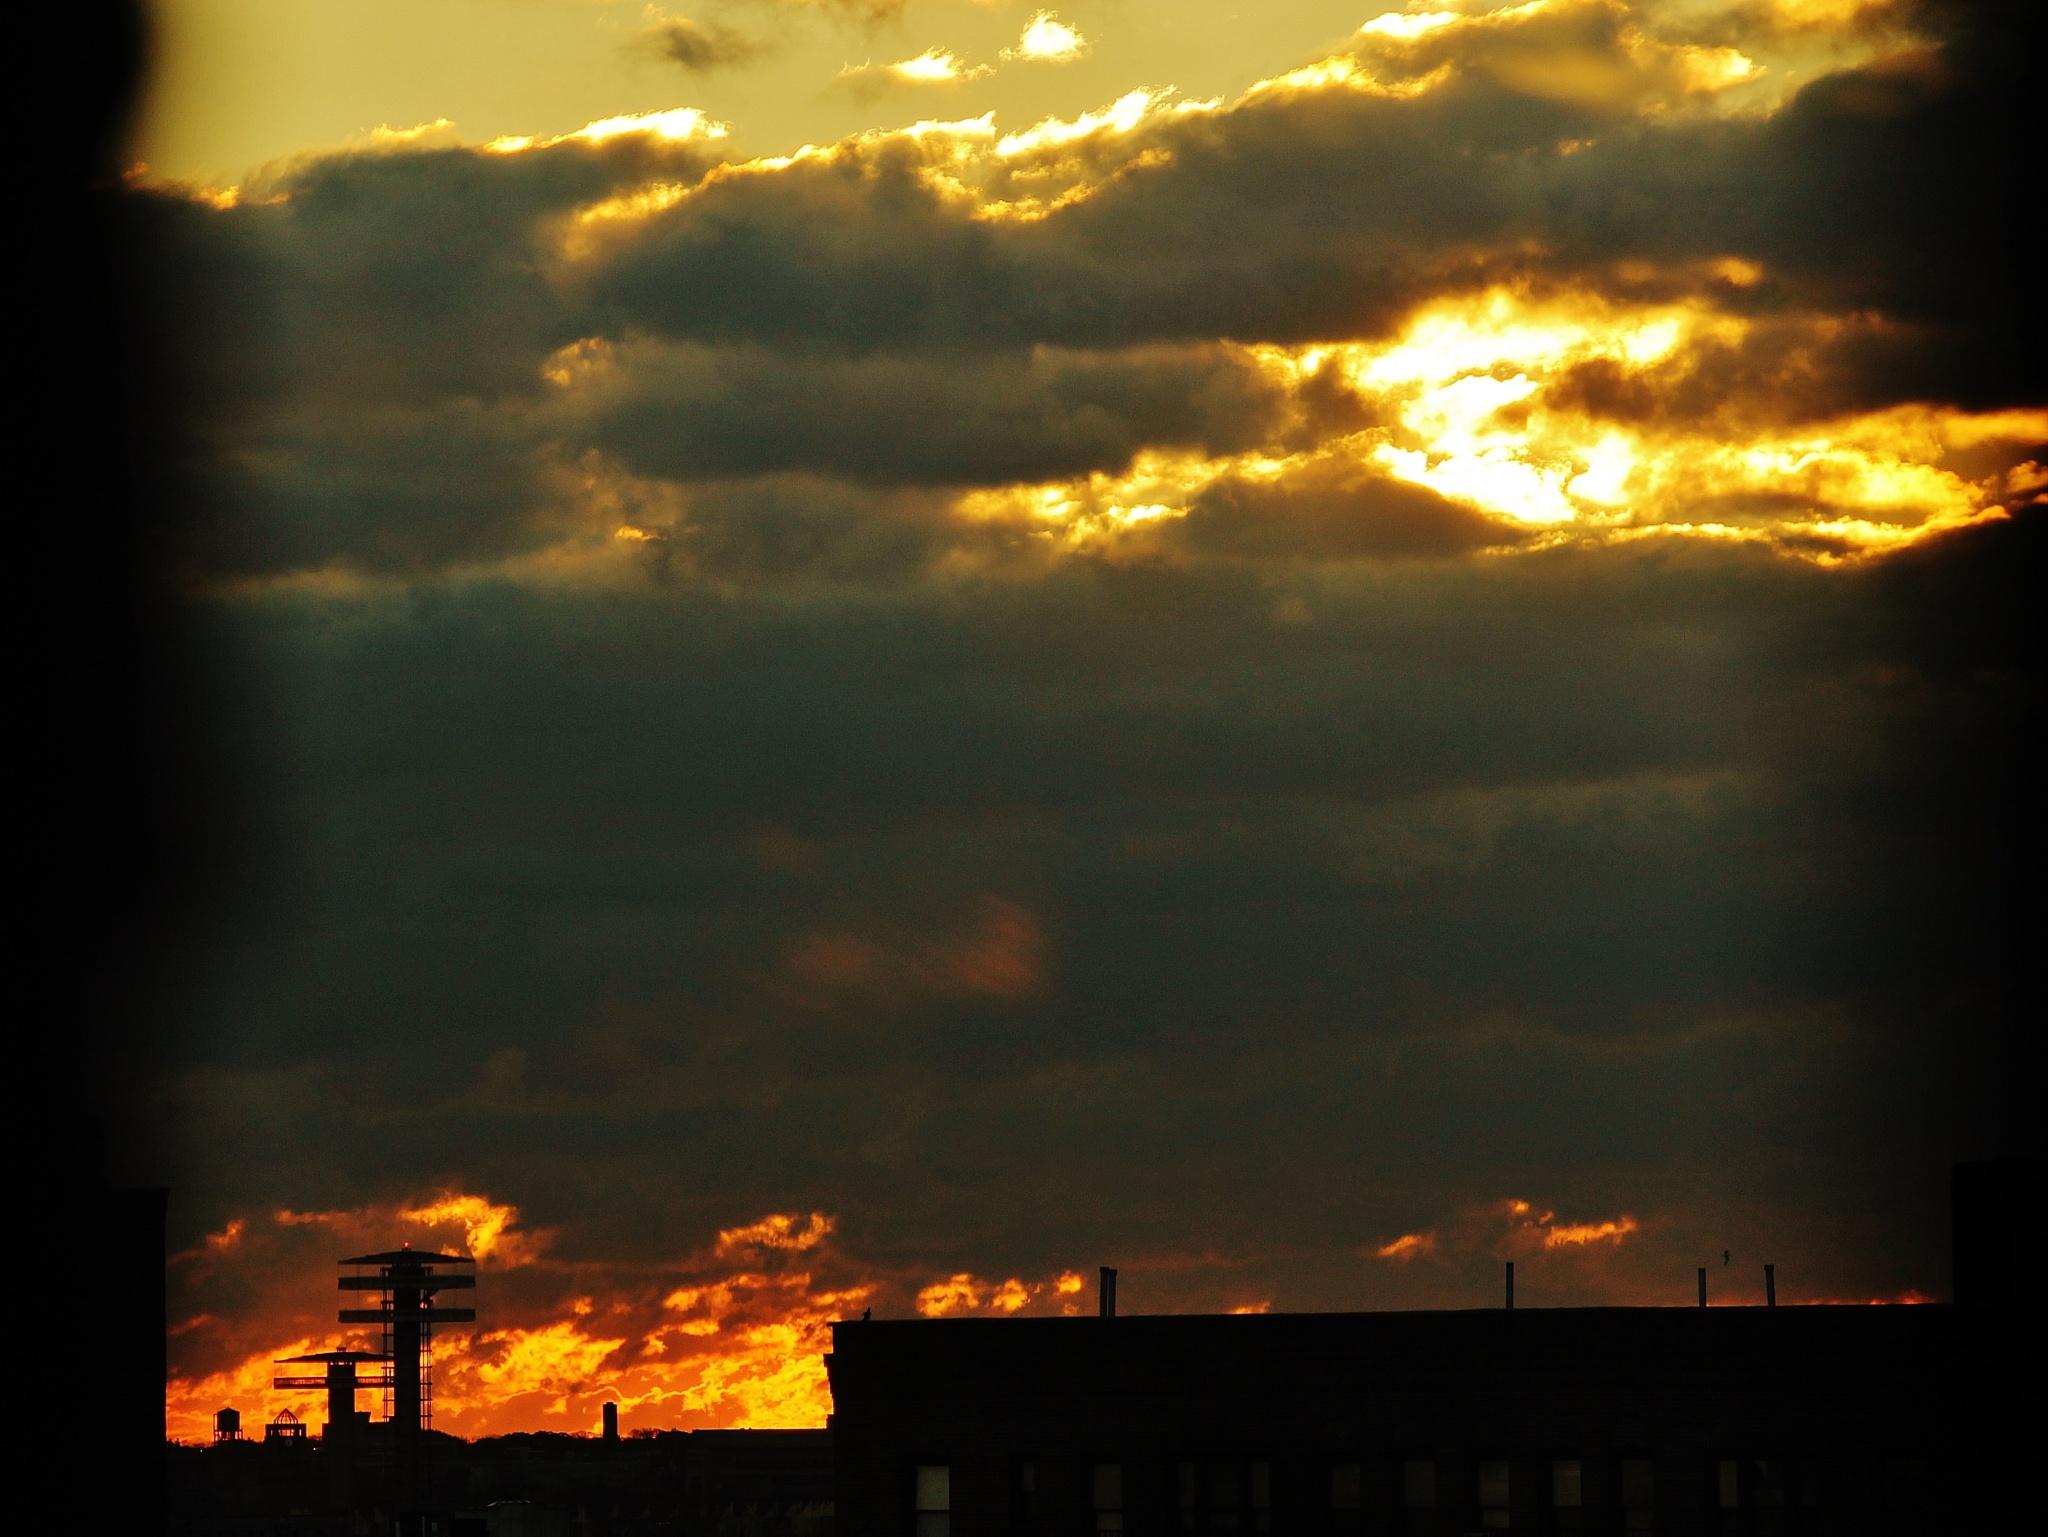 Ciel de NY en Feu, by Liborio Drogo